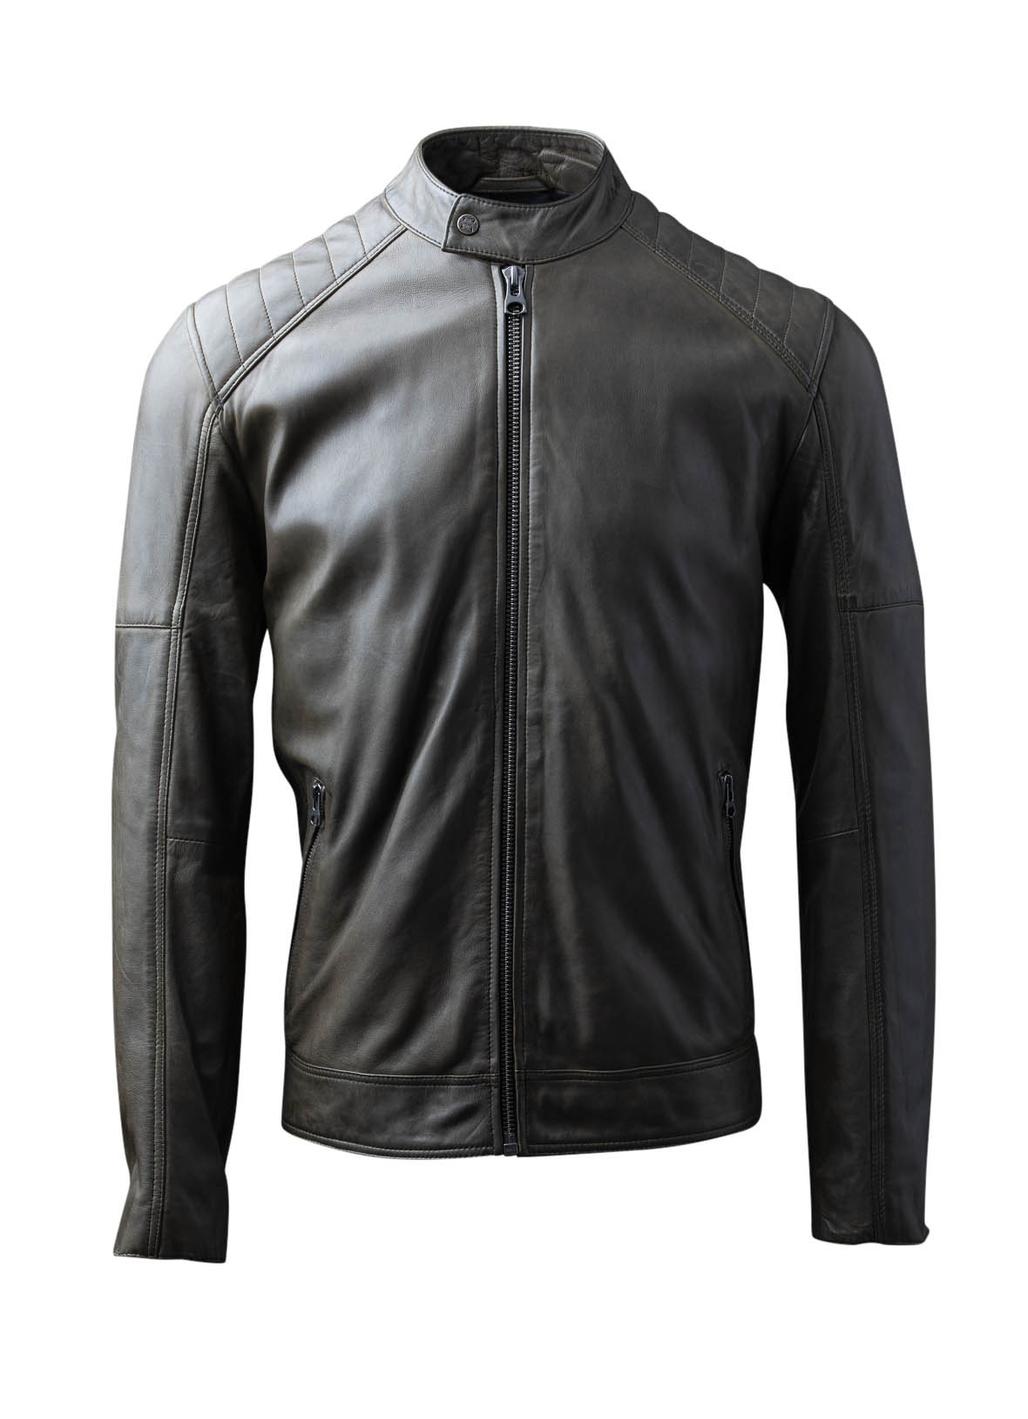 Newland Leather Biker Jacket in Olive